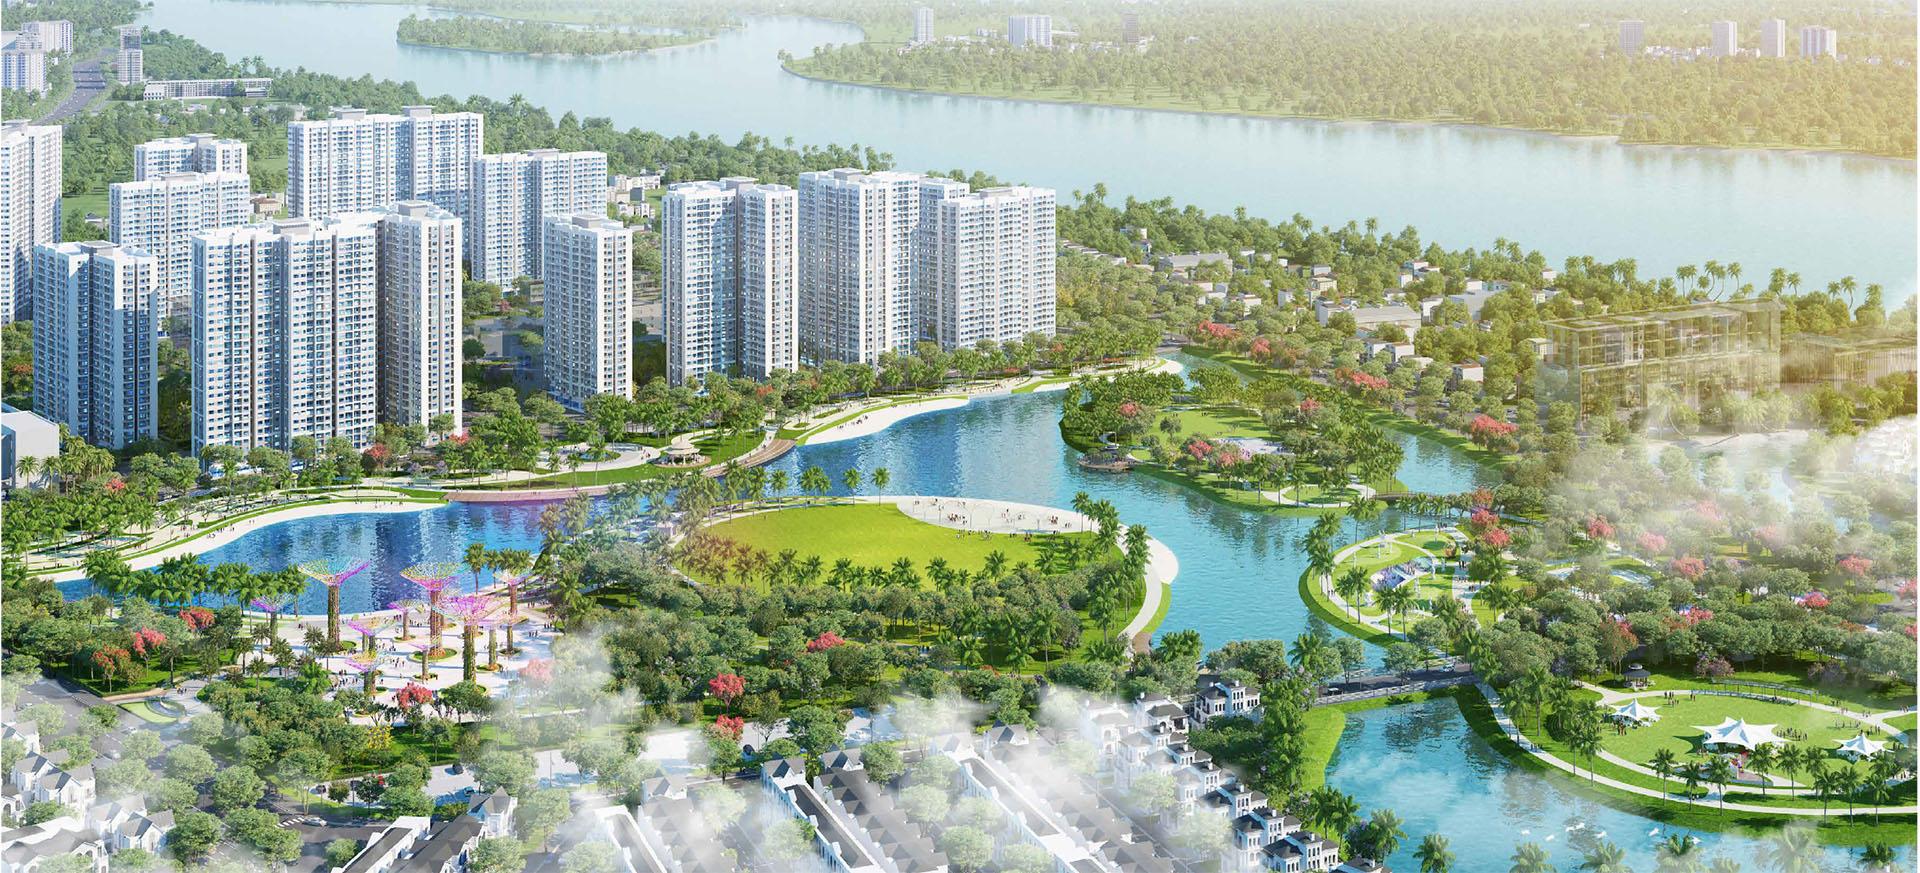 Mở bán căn hộ Vinhomes Quận 9 tổ ấm ước mơ của người Việt